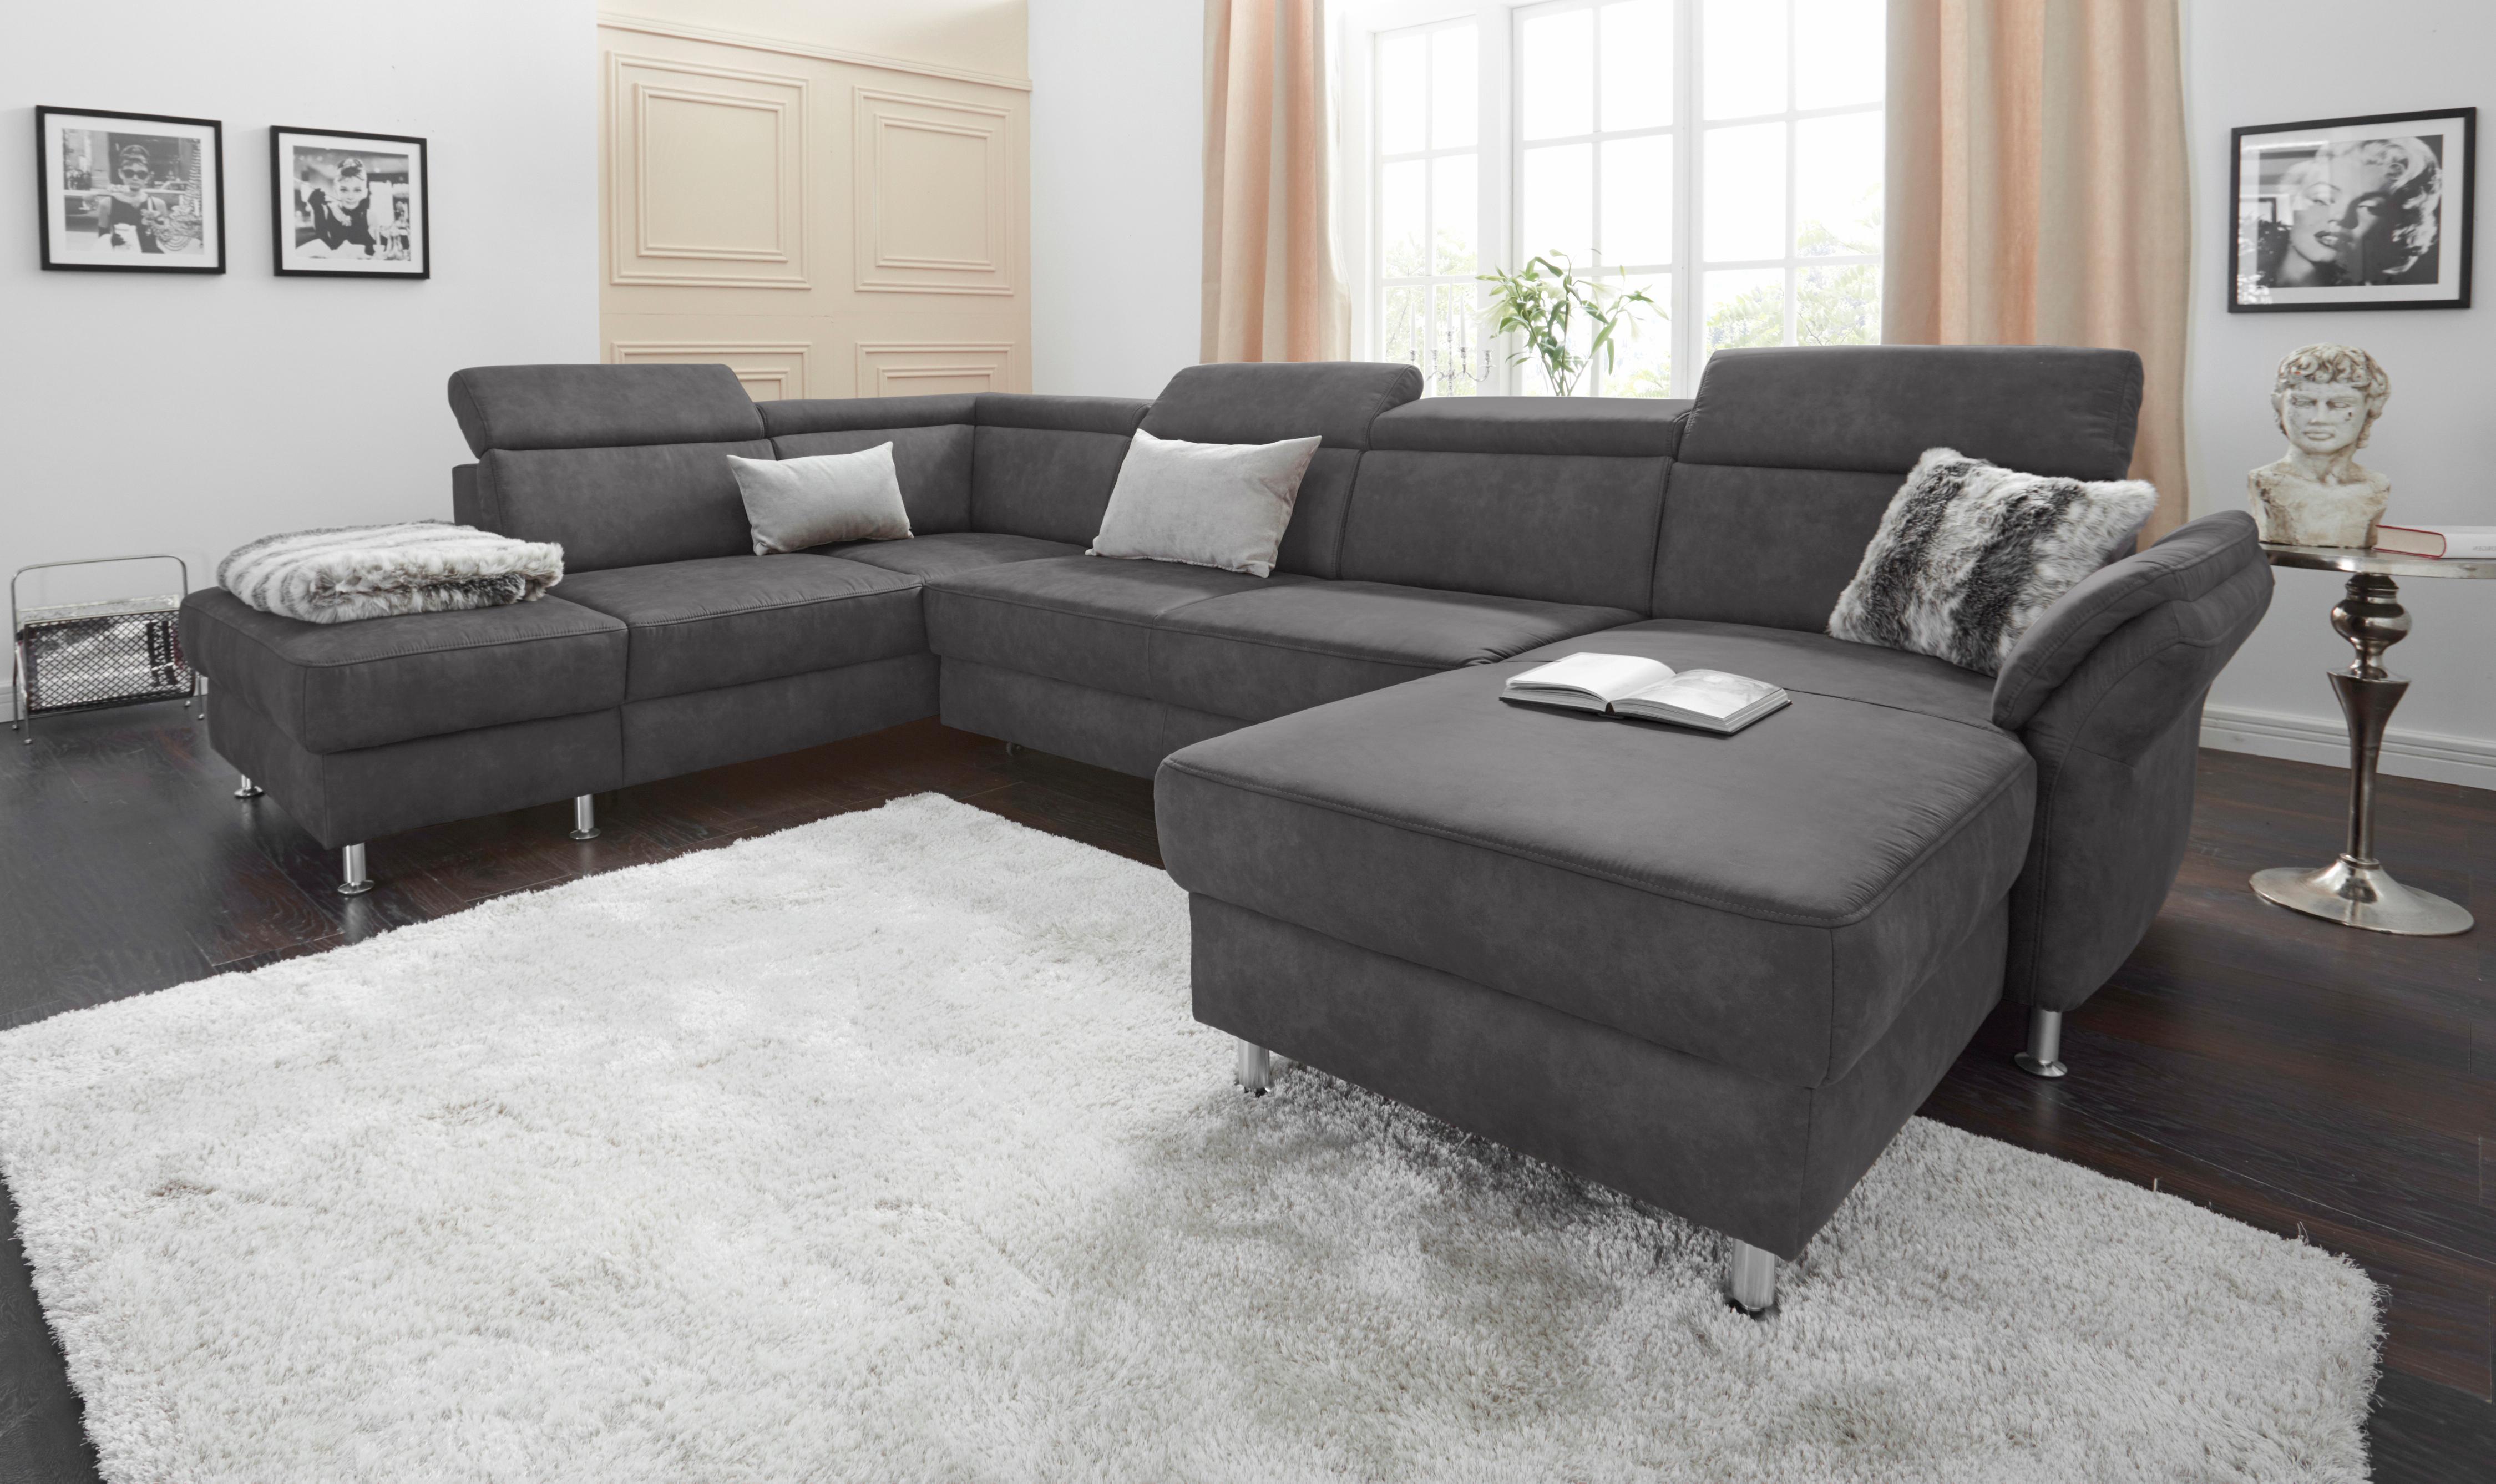 anthrazit bambus wohnlandschaften online kaufen m bel suchmaschine. Black Bedroom Furniture Sets. Home Design Ideas